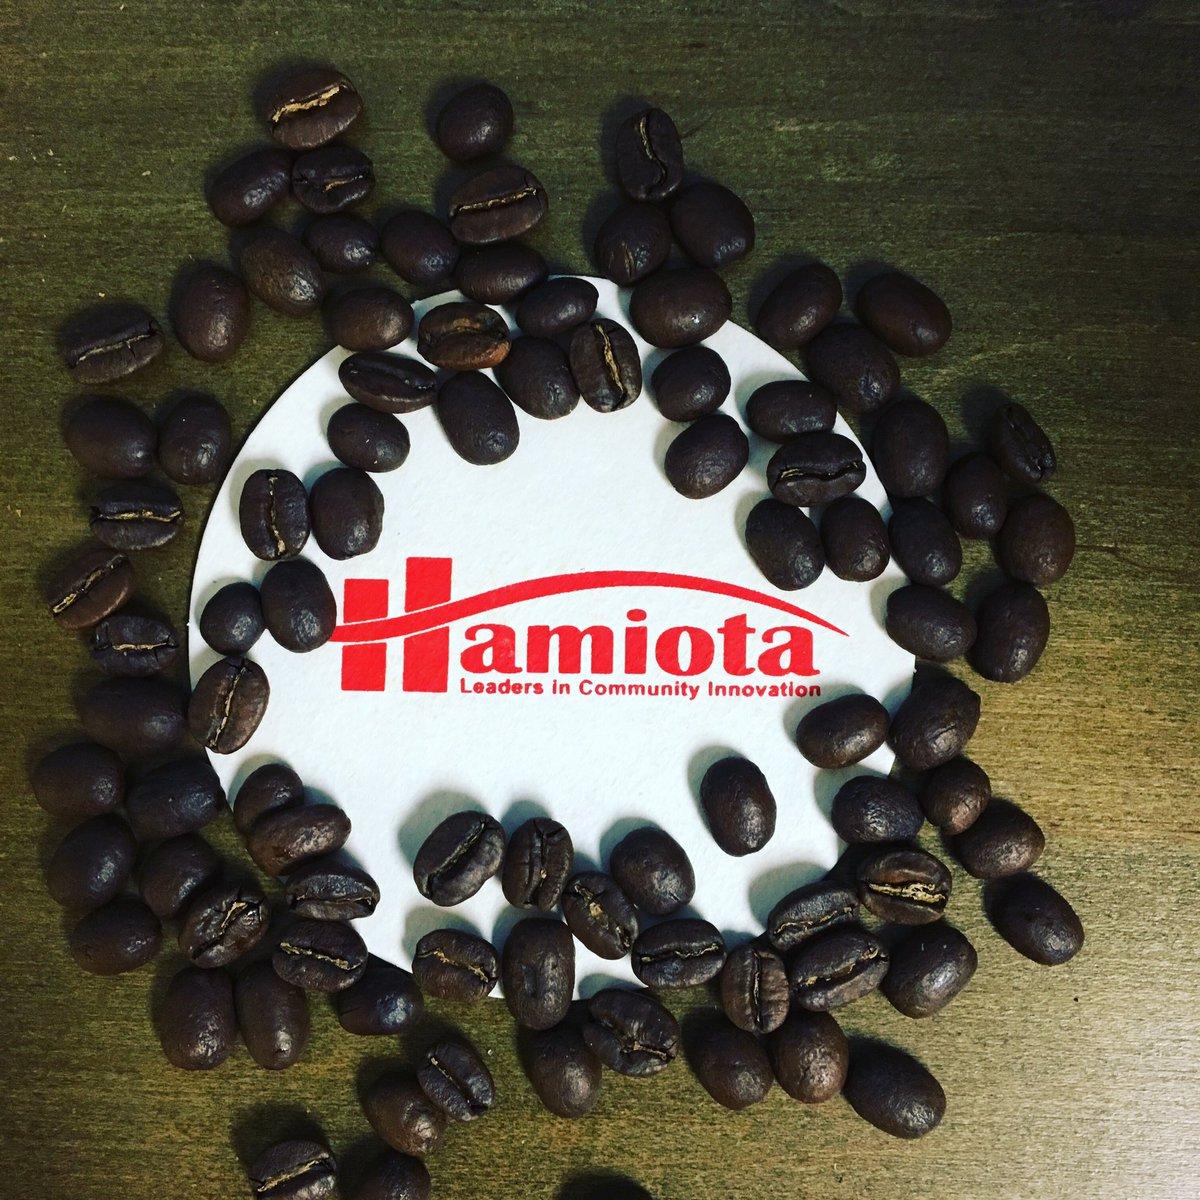 HamiotaMb photo